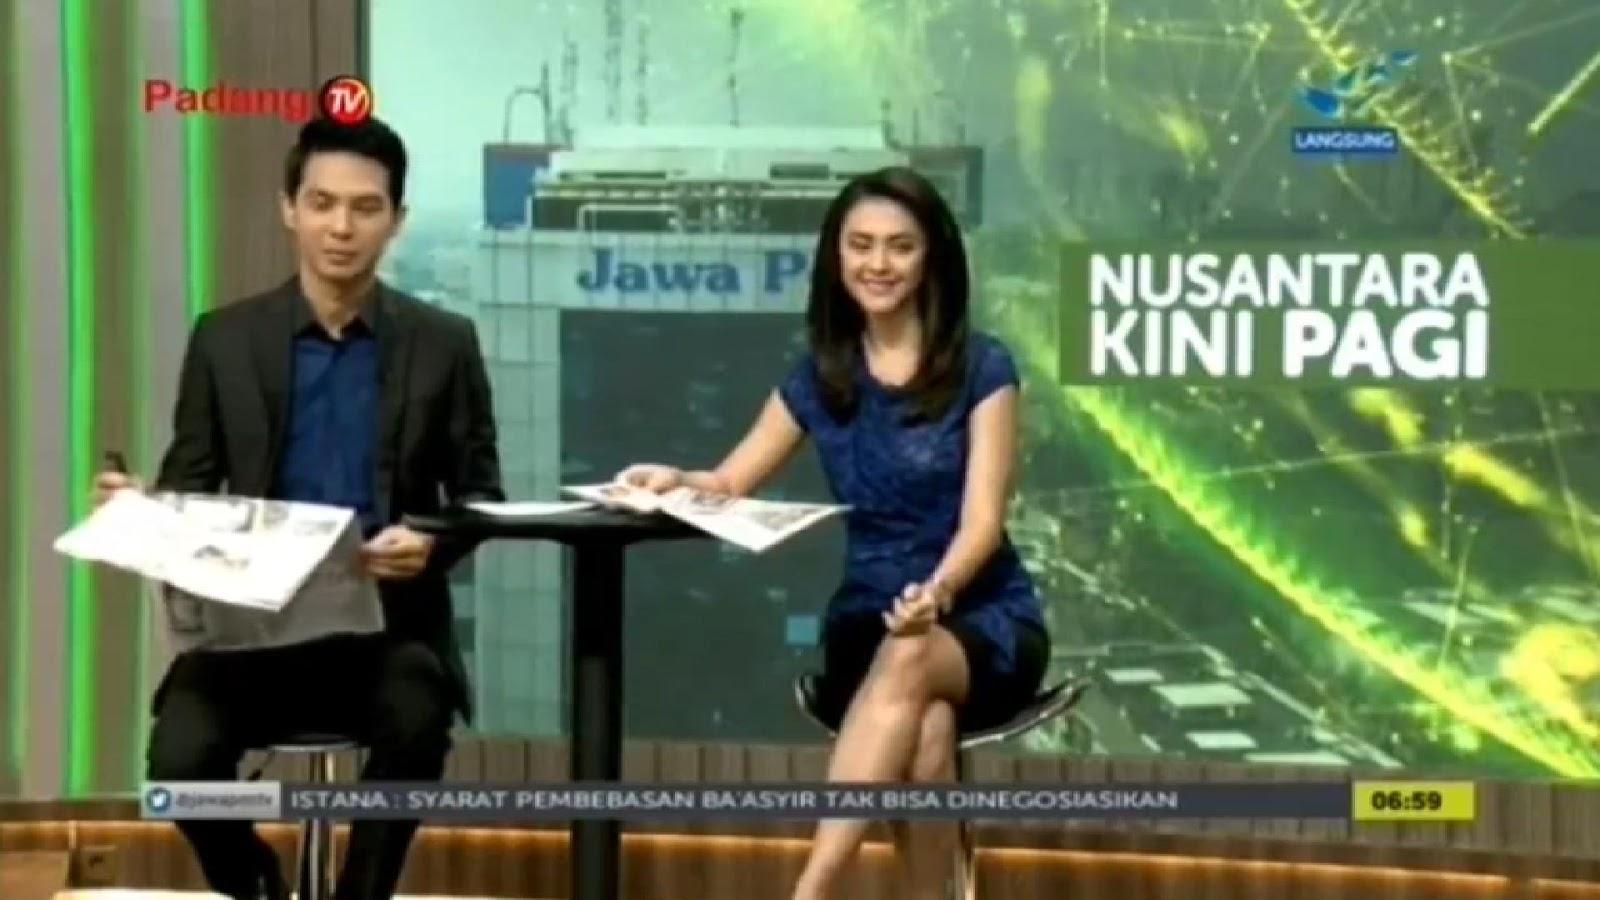 Frekuensi siaran Padang TV di satelit ChinaSat 11 Terbaru